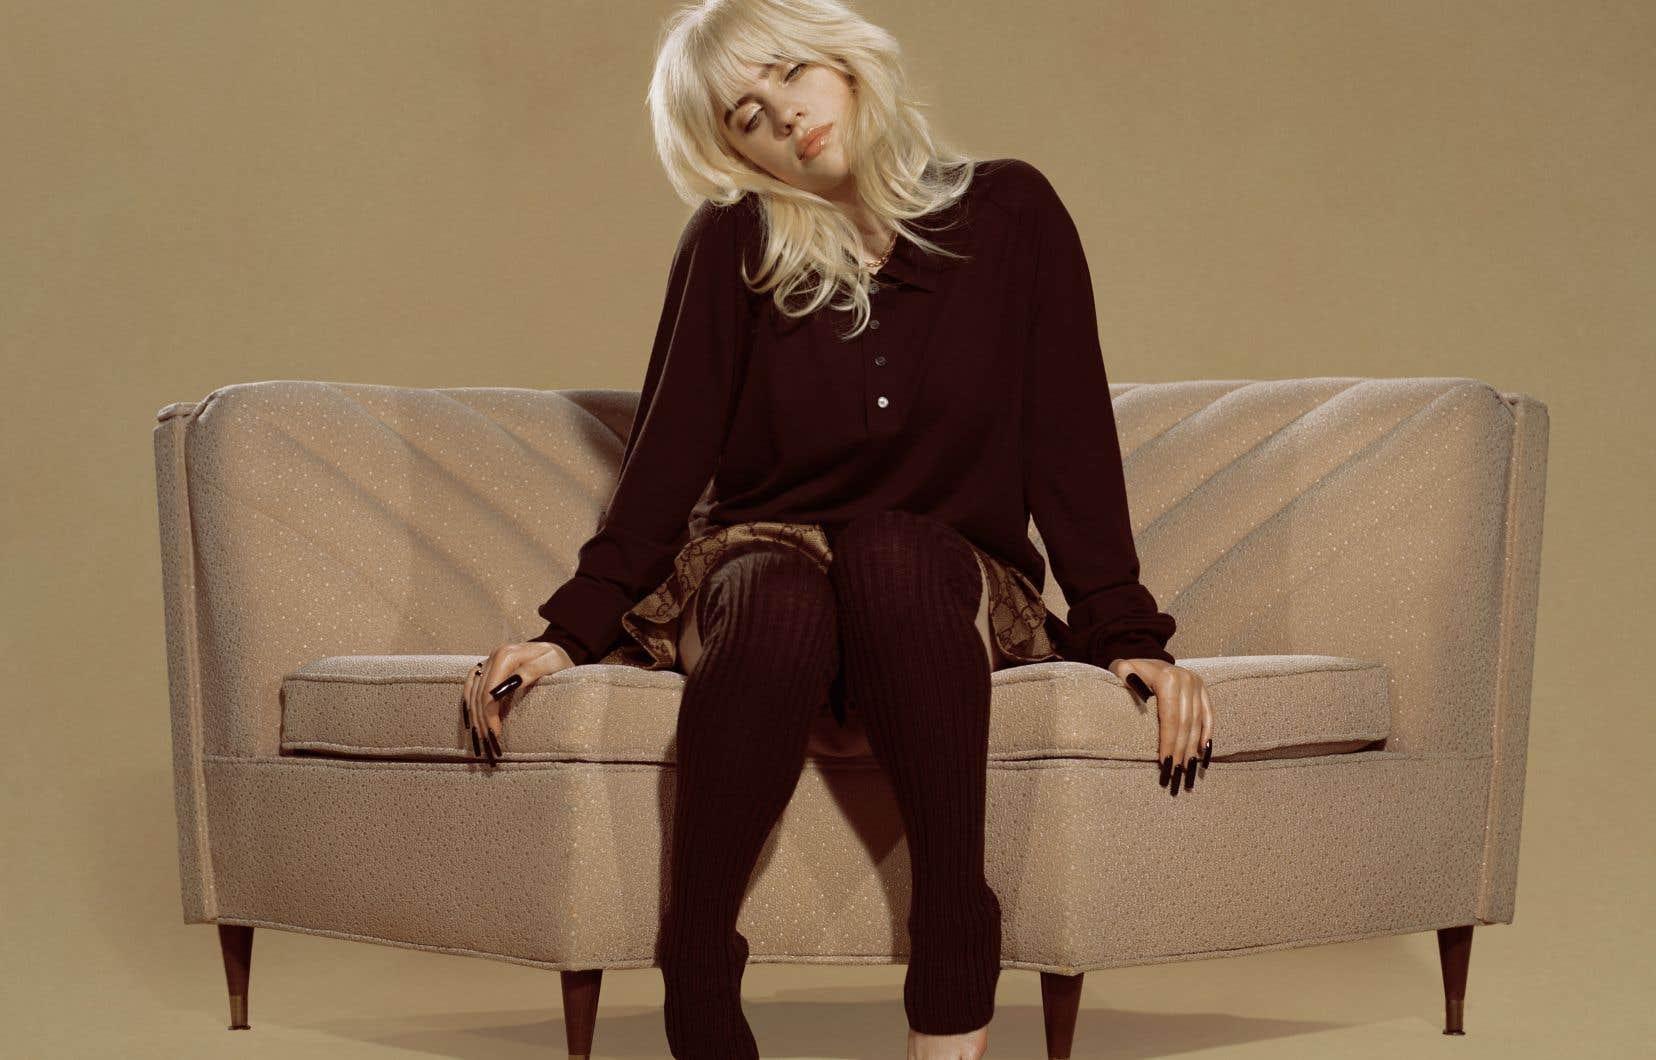 Le second album de Billie Eilish s'ouvre sur son nouveau statut de célébrité et sur le regard que les autres portent sur elle.